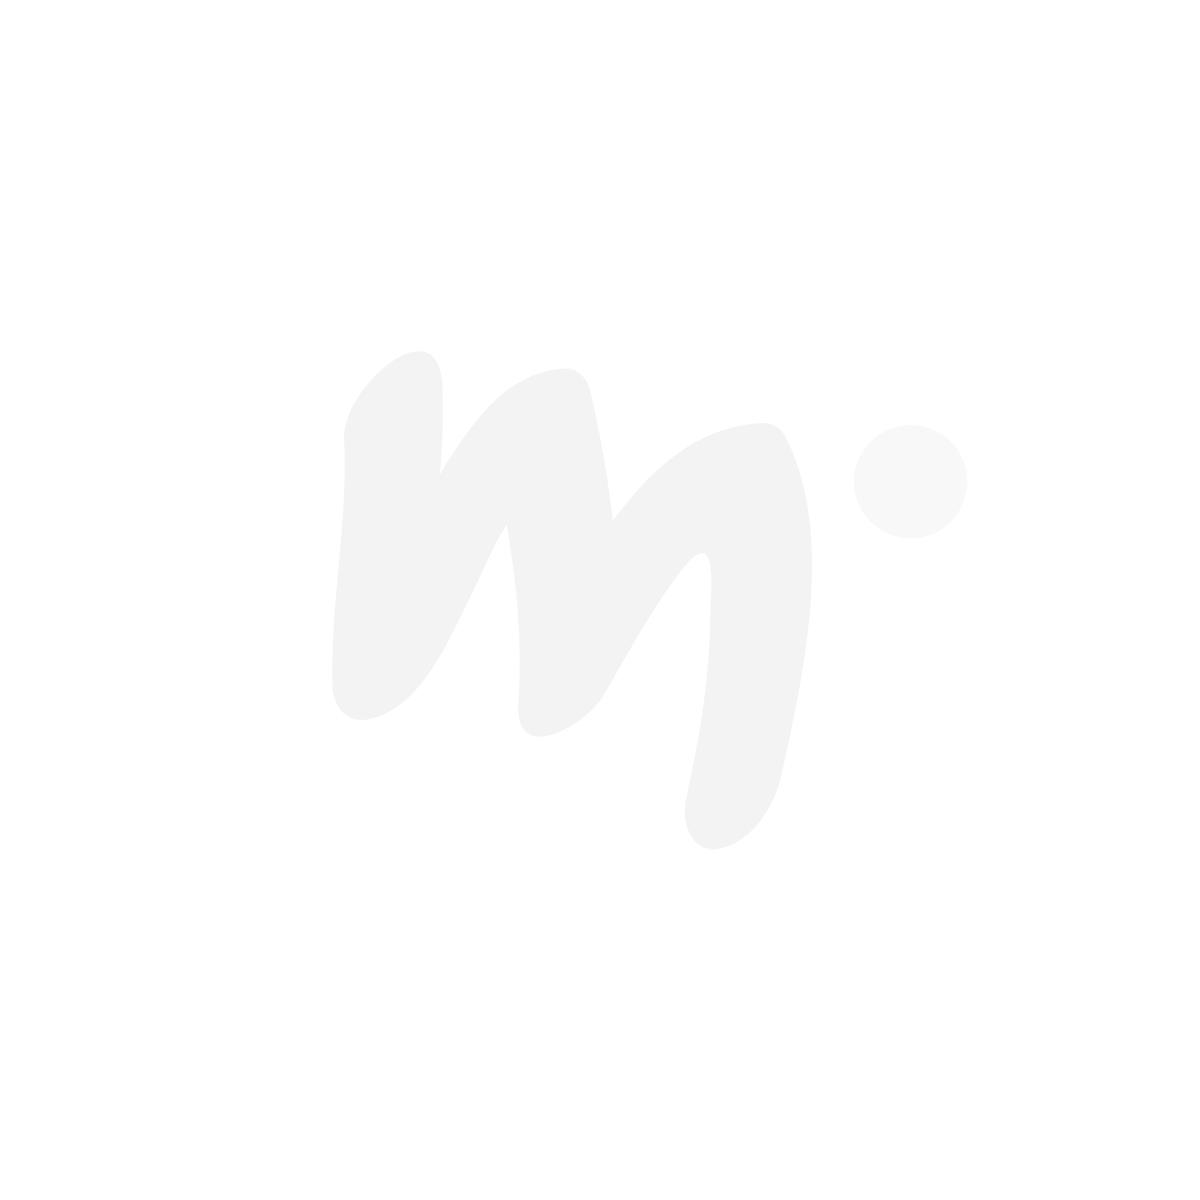 Muumi Mörkö-papupehmo